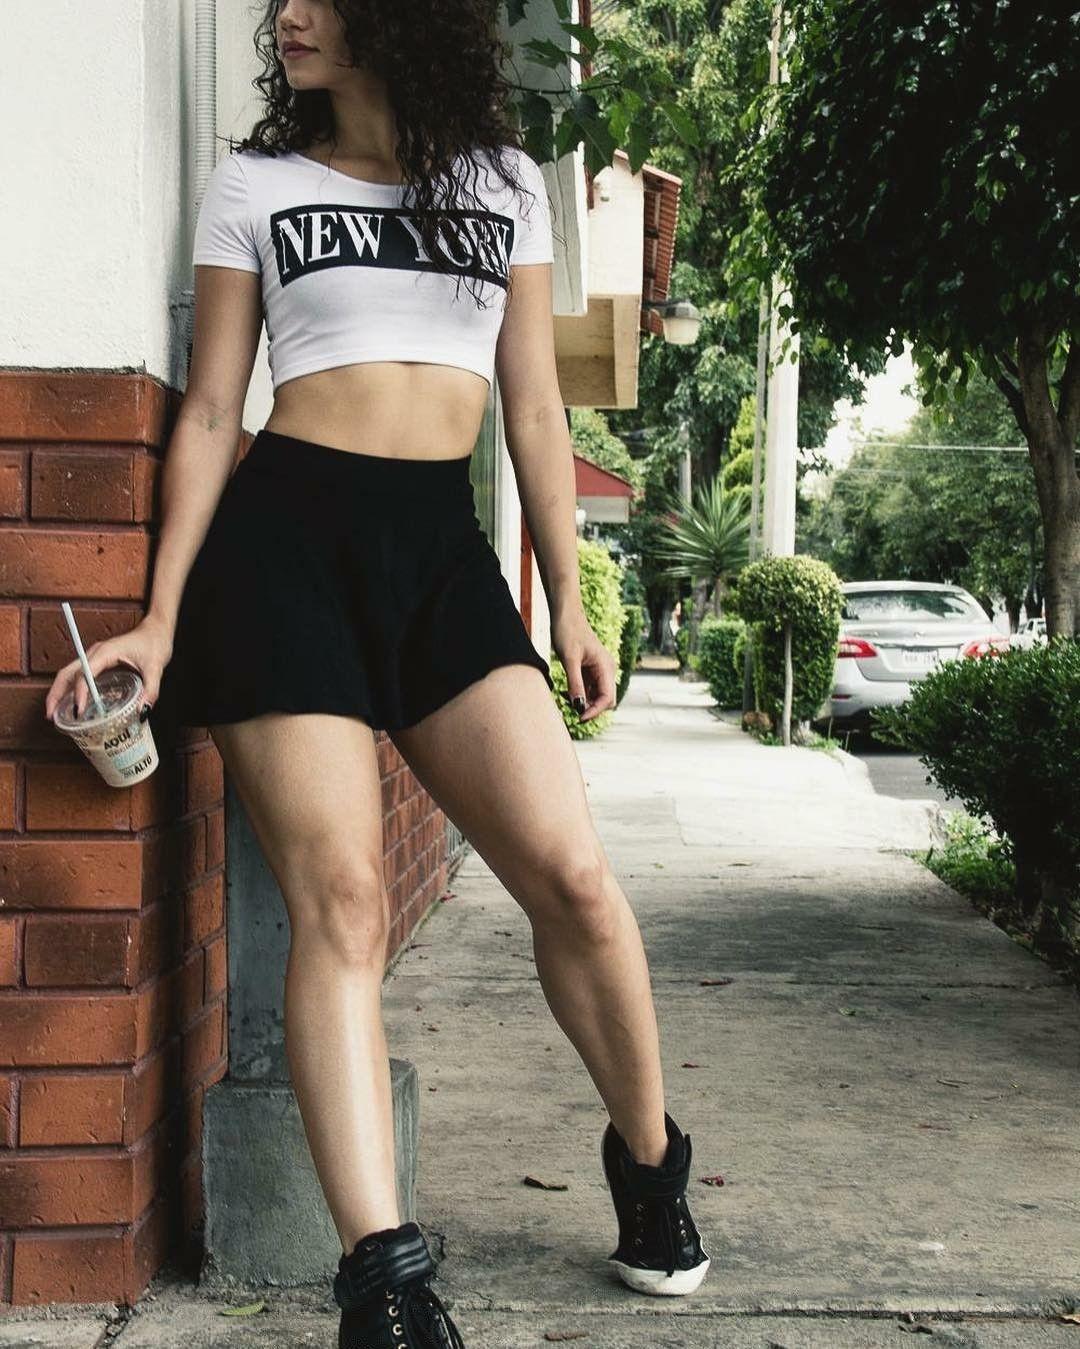 ICloud Renee Valeria nude (41 photos), Pussy, Leaked, Instagram, braless 2015